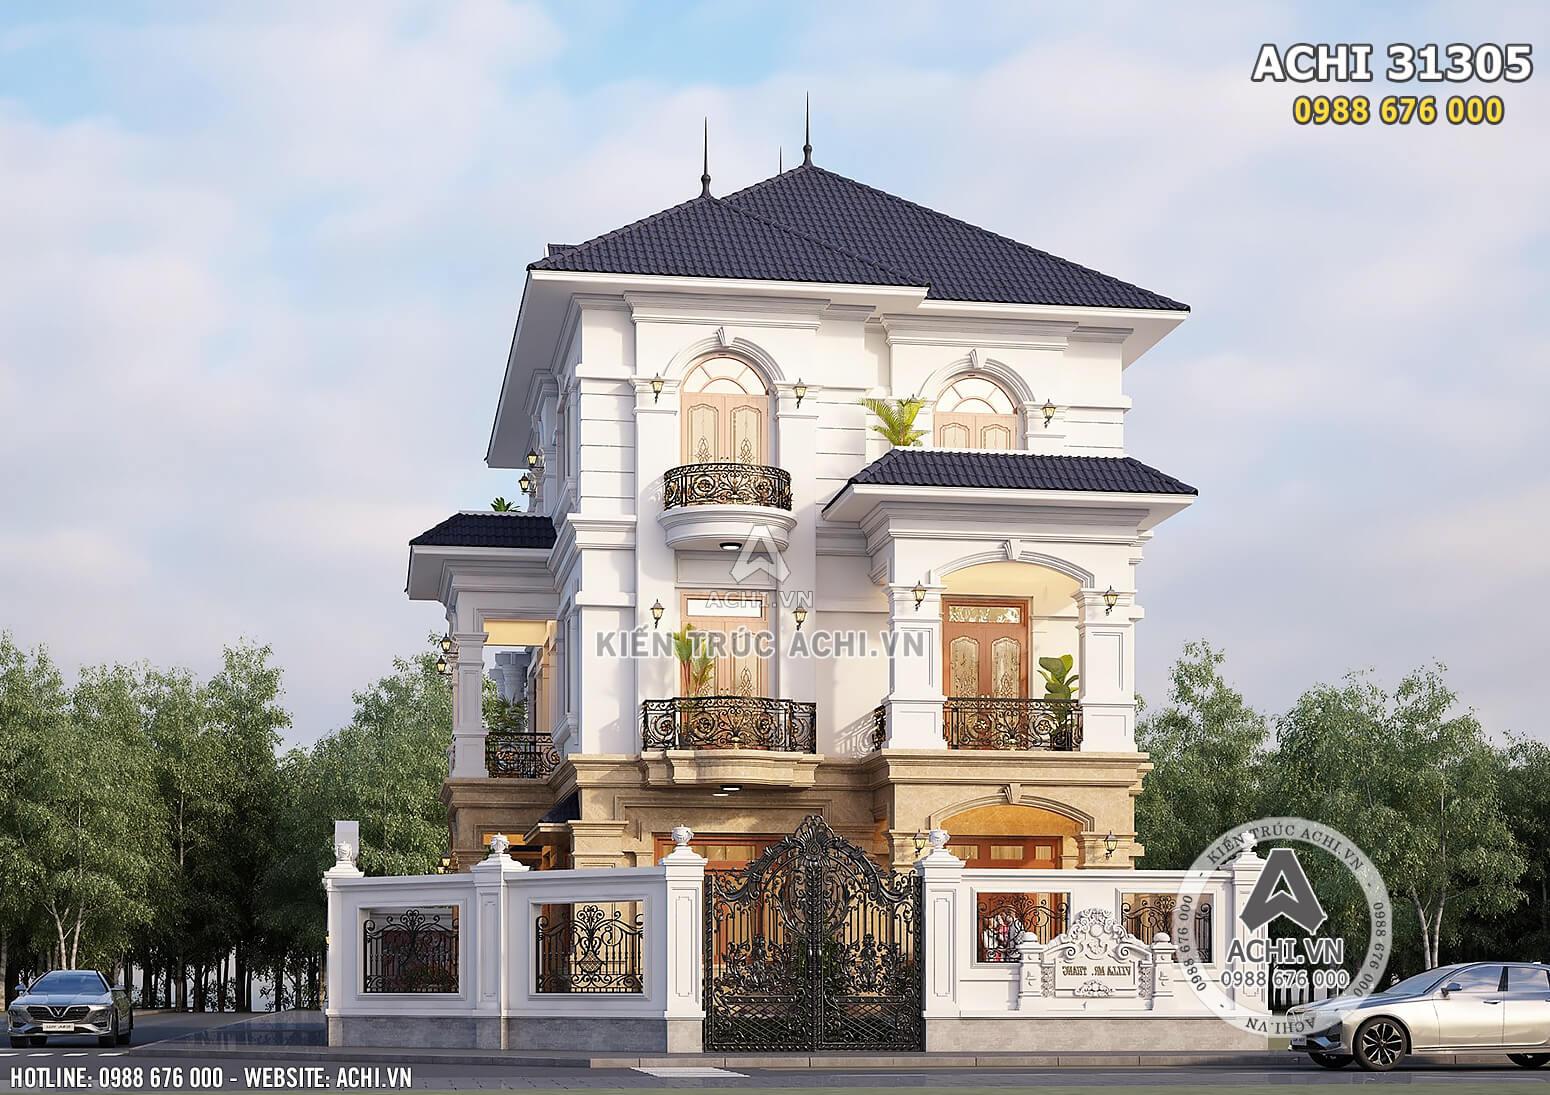 Hình ảnh: Kiến trúc tân cổ điển đẹp mắt